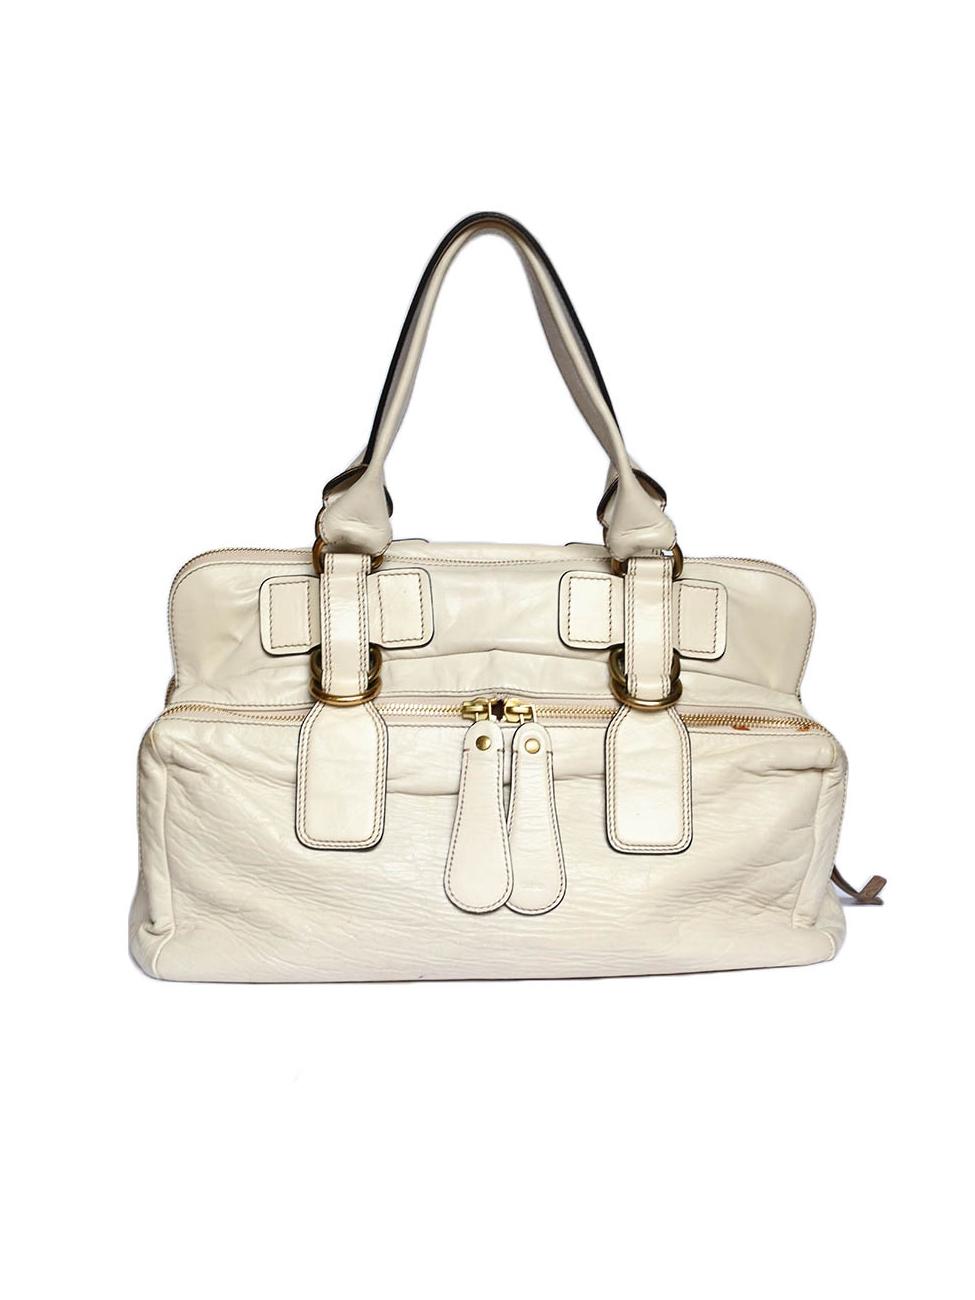 Louise Paris - CHLOE BAY cream ecru leather tote / weekend handbag ...